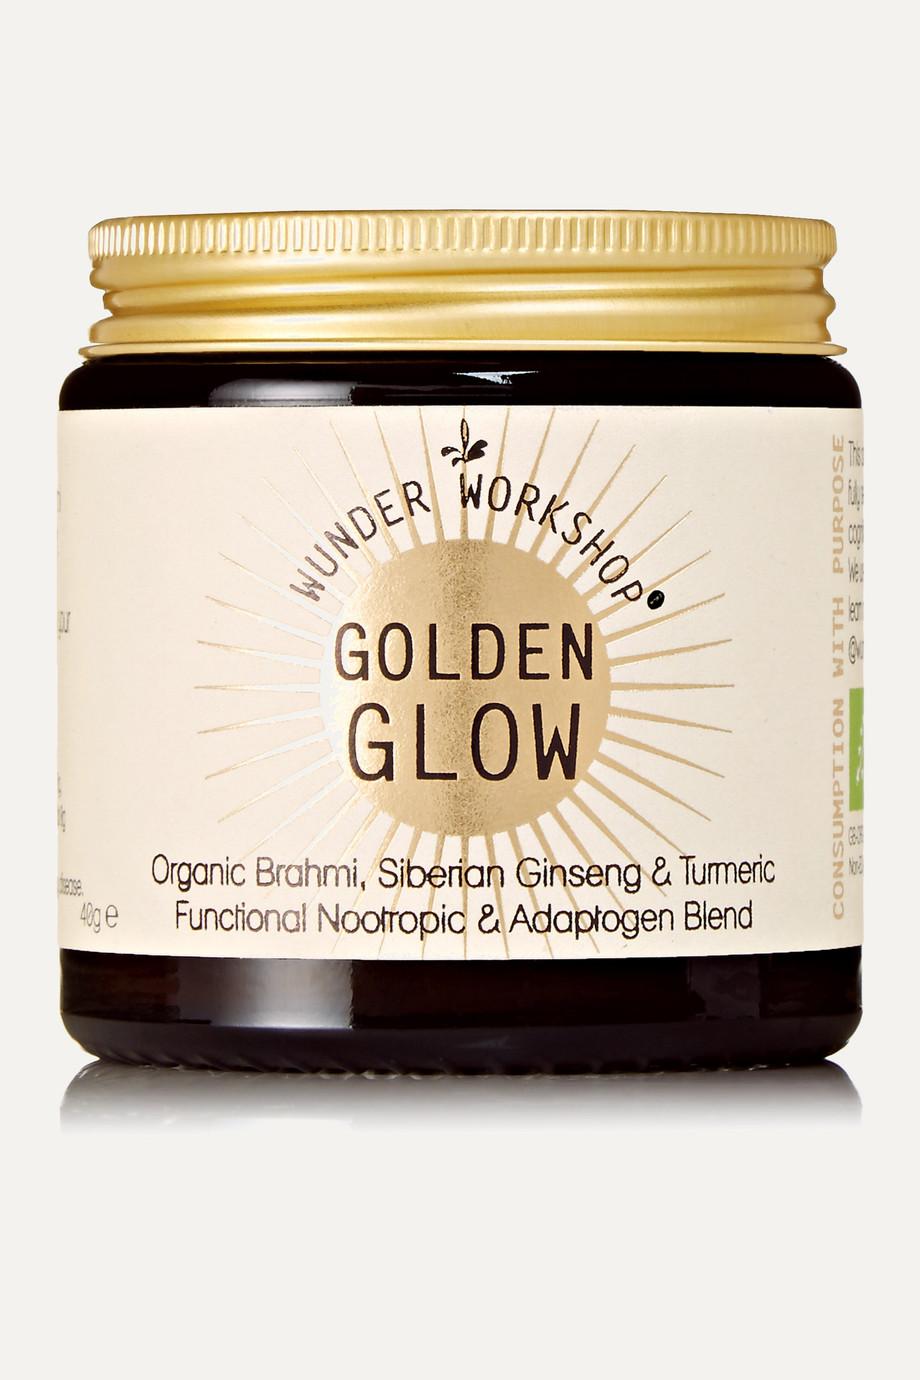 Wunder Workshop Golden Glow Supplement, 40g